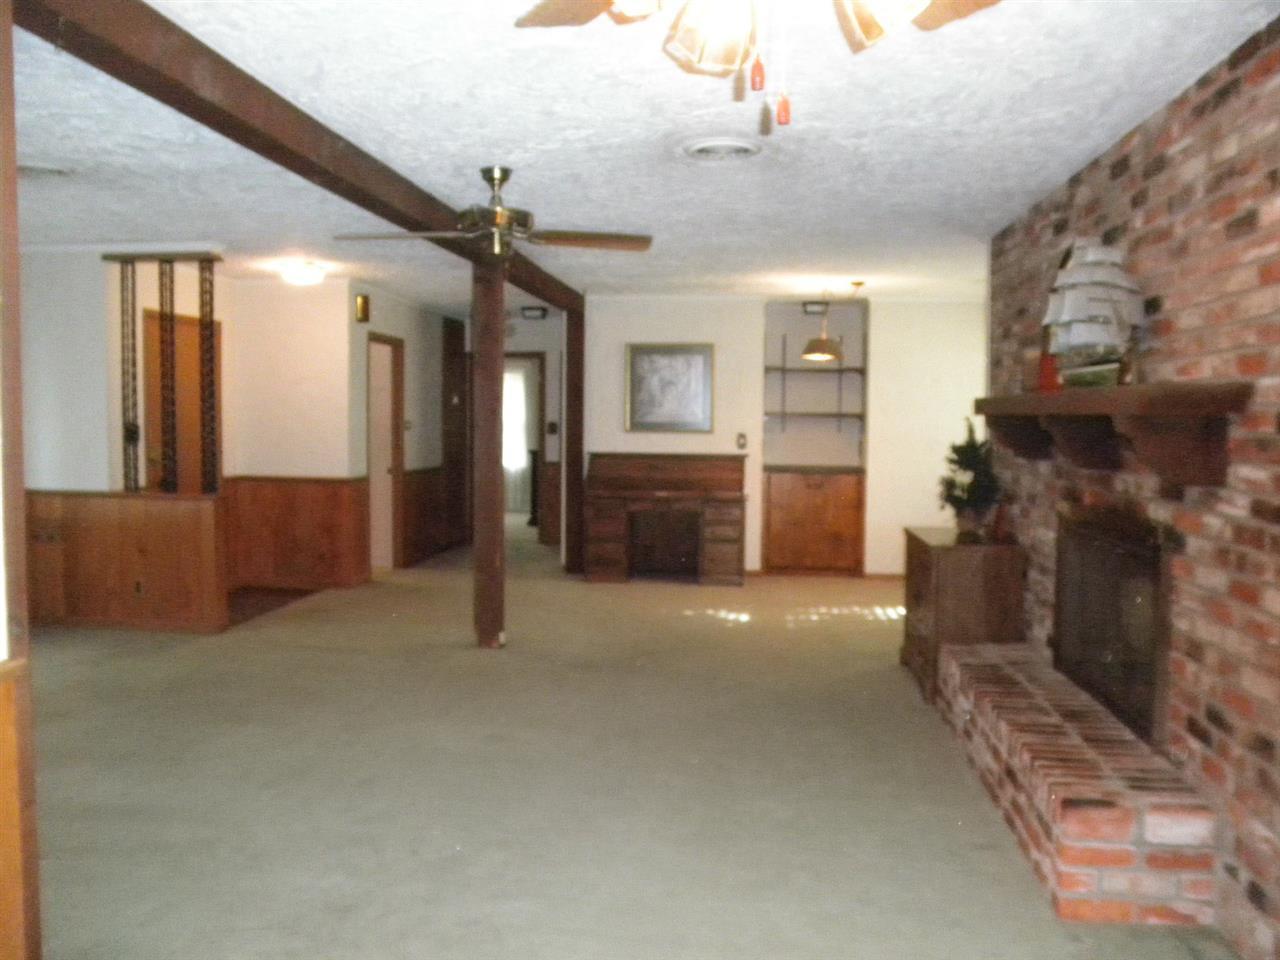 Sold Cross Sale W/ MLS | 1227 S Main  Blackwell, OK 74631 4